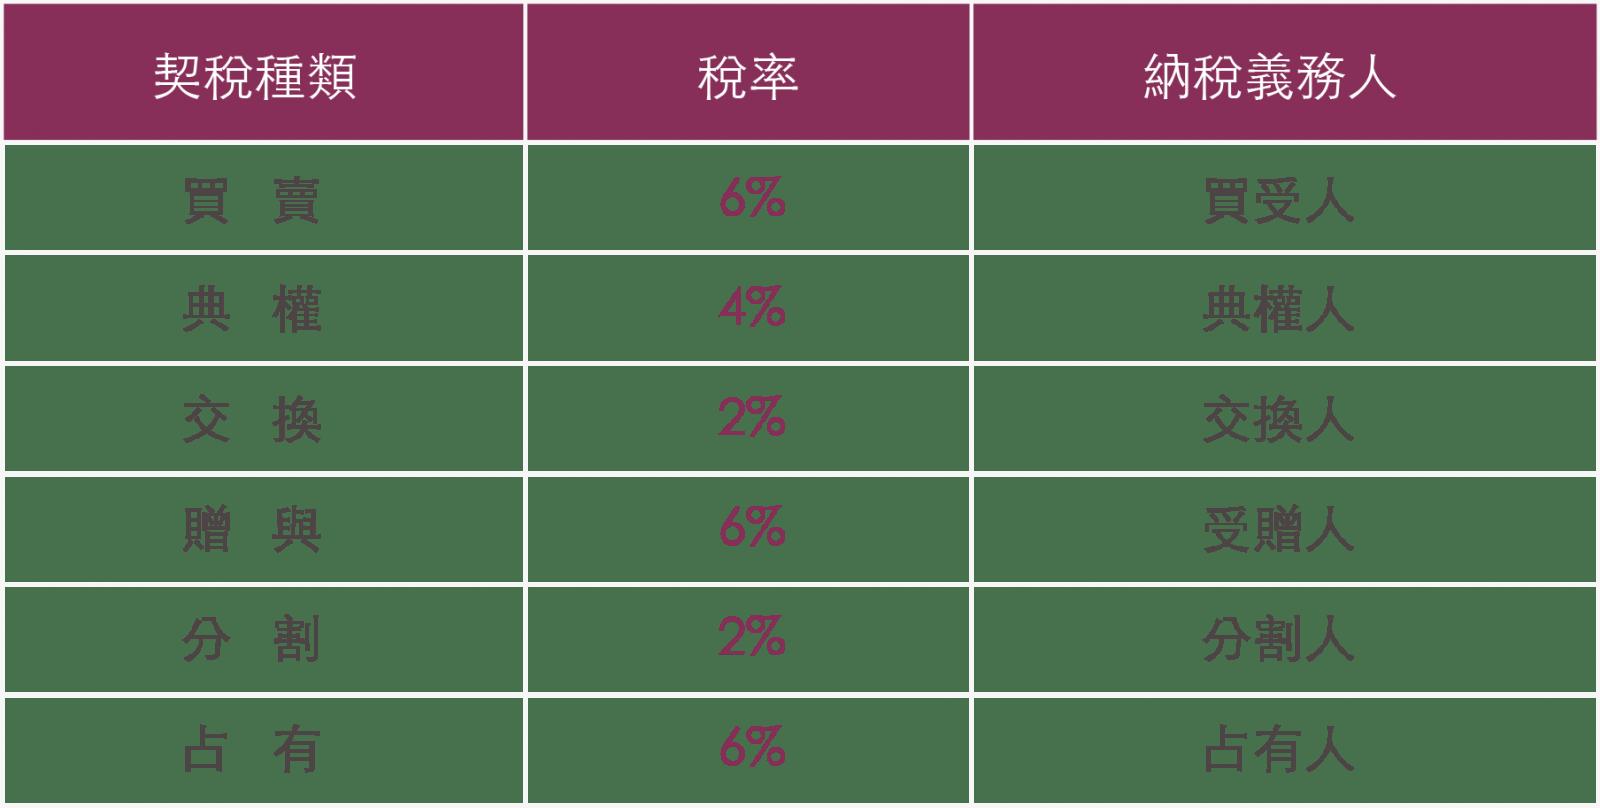 【屋契】買賣房屋契稅 – 生活空間站